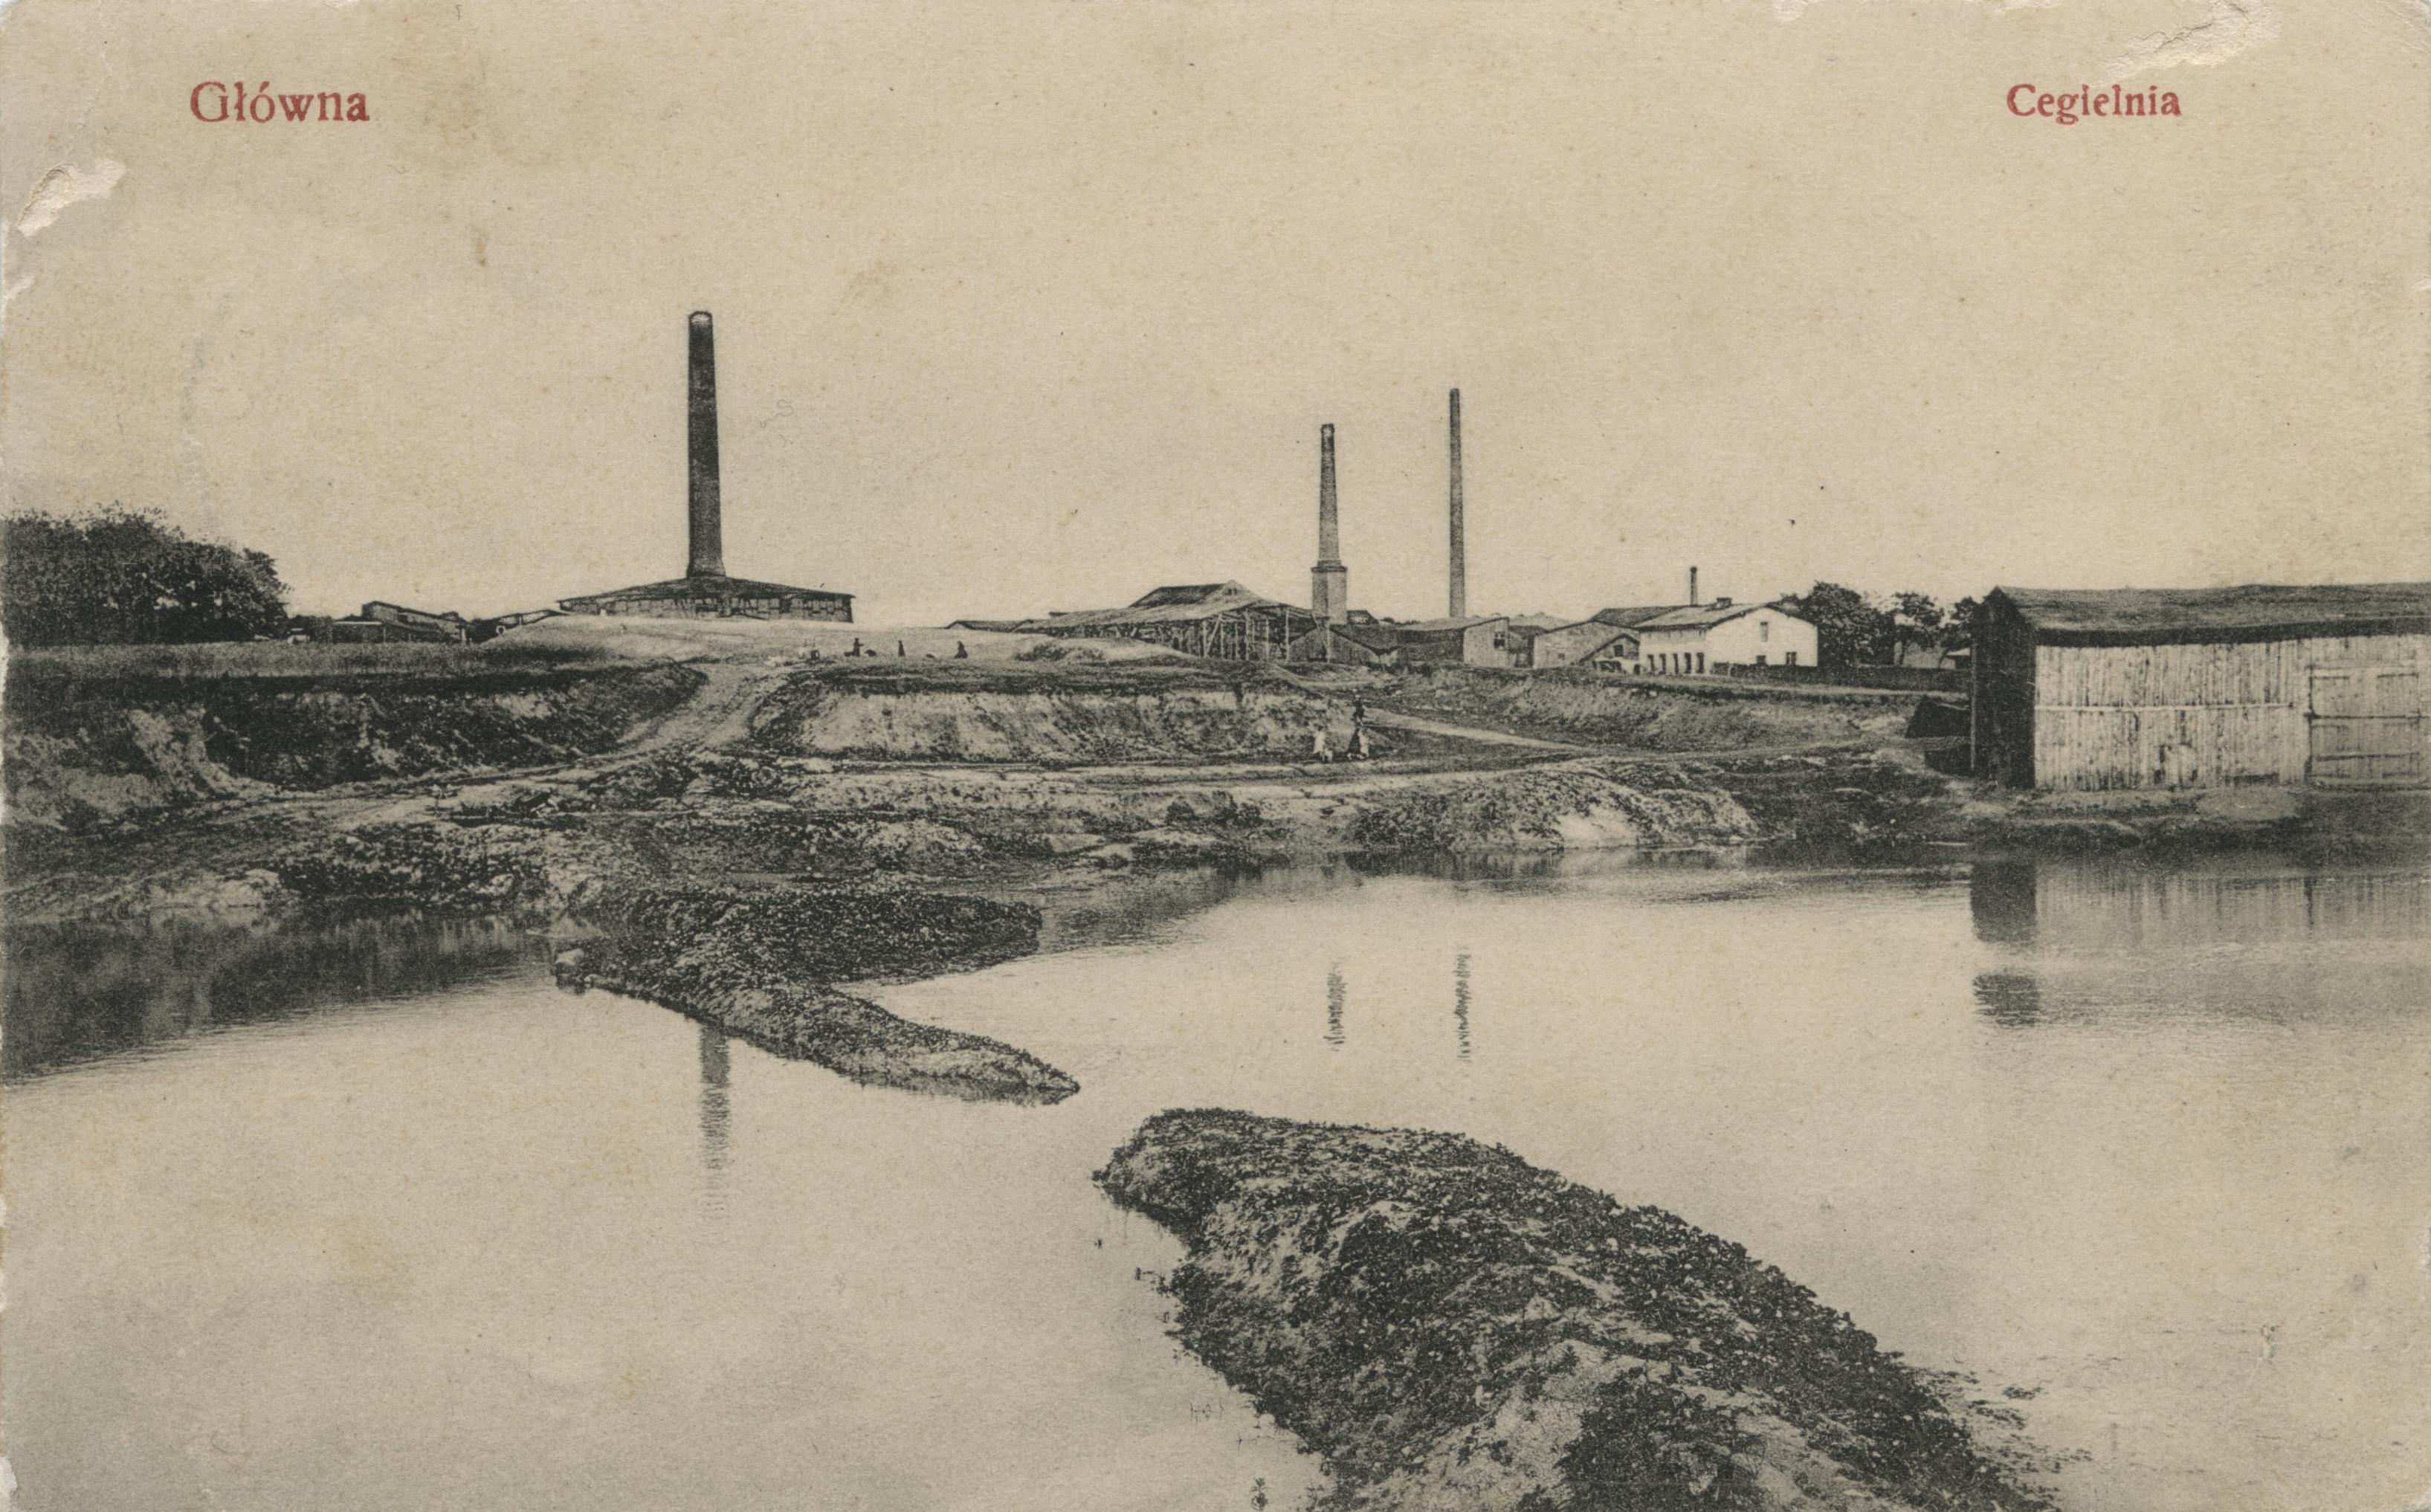 Główna. Cegielnia. Jednoobrazkowa karta pocztowa z widokiem na cegielnię Hartwig & Weidemann przy ul. Gnieźnieńskiej 74. Ok. 1910 rok. Zabudowania cegielni znajdowały się na dużej parceli (305 arów), położonej pomiędzy ul. Krańcową i torami kolejowymi z własną bocznicą i kolejką elektryczną. W 1945 roku została częściowo zniszczona, a w 1947 rozebrania. Dziś nie istnieje. Ze zbiorów Biblioteki Uniwersyteckiej w Poznaniu